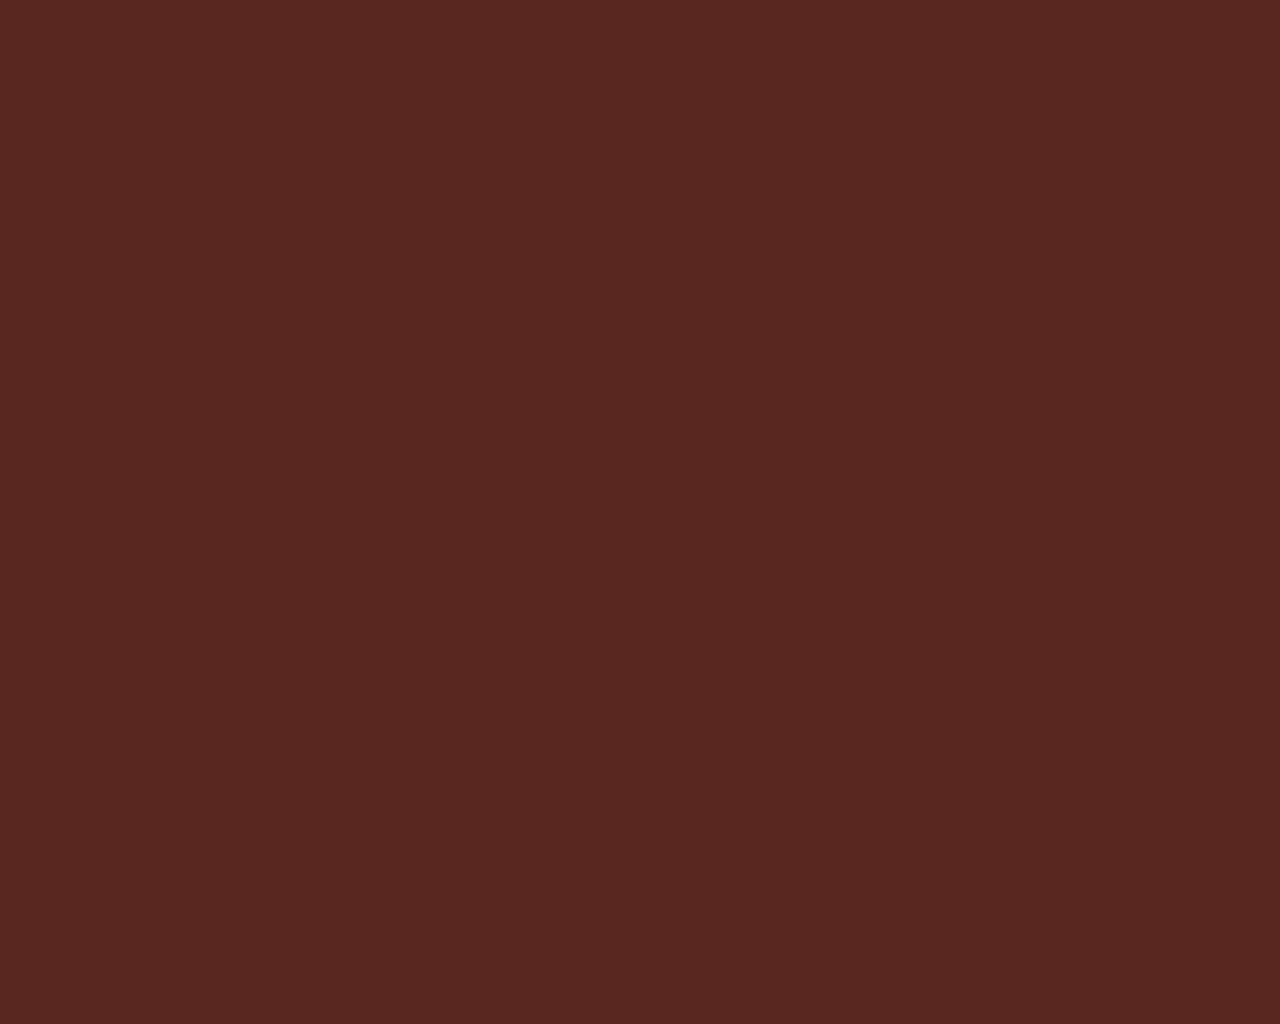 1280x1024 Caput Mortuum Solid Color Background